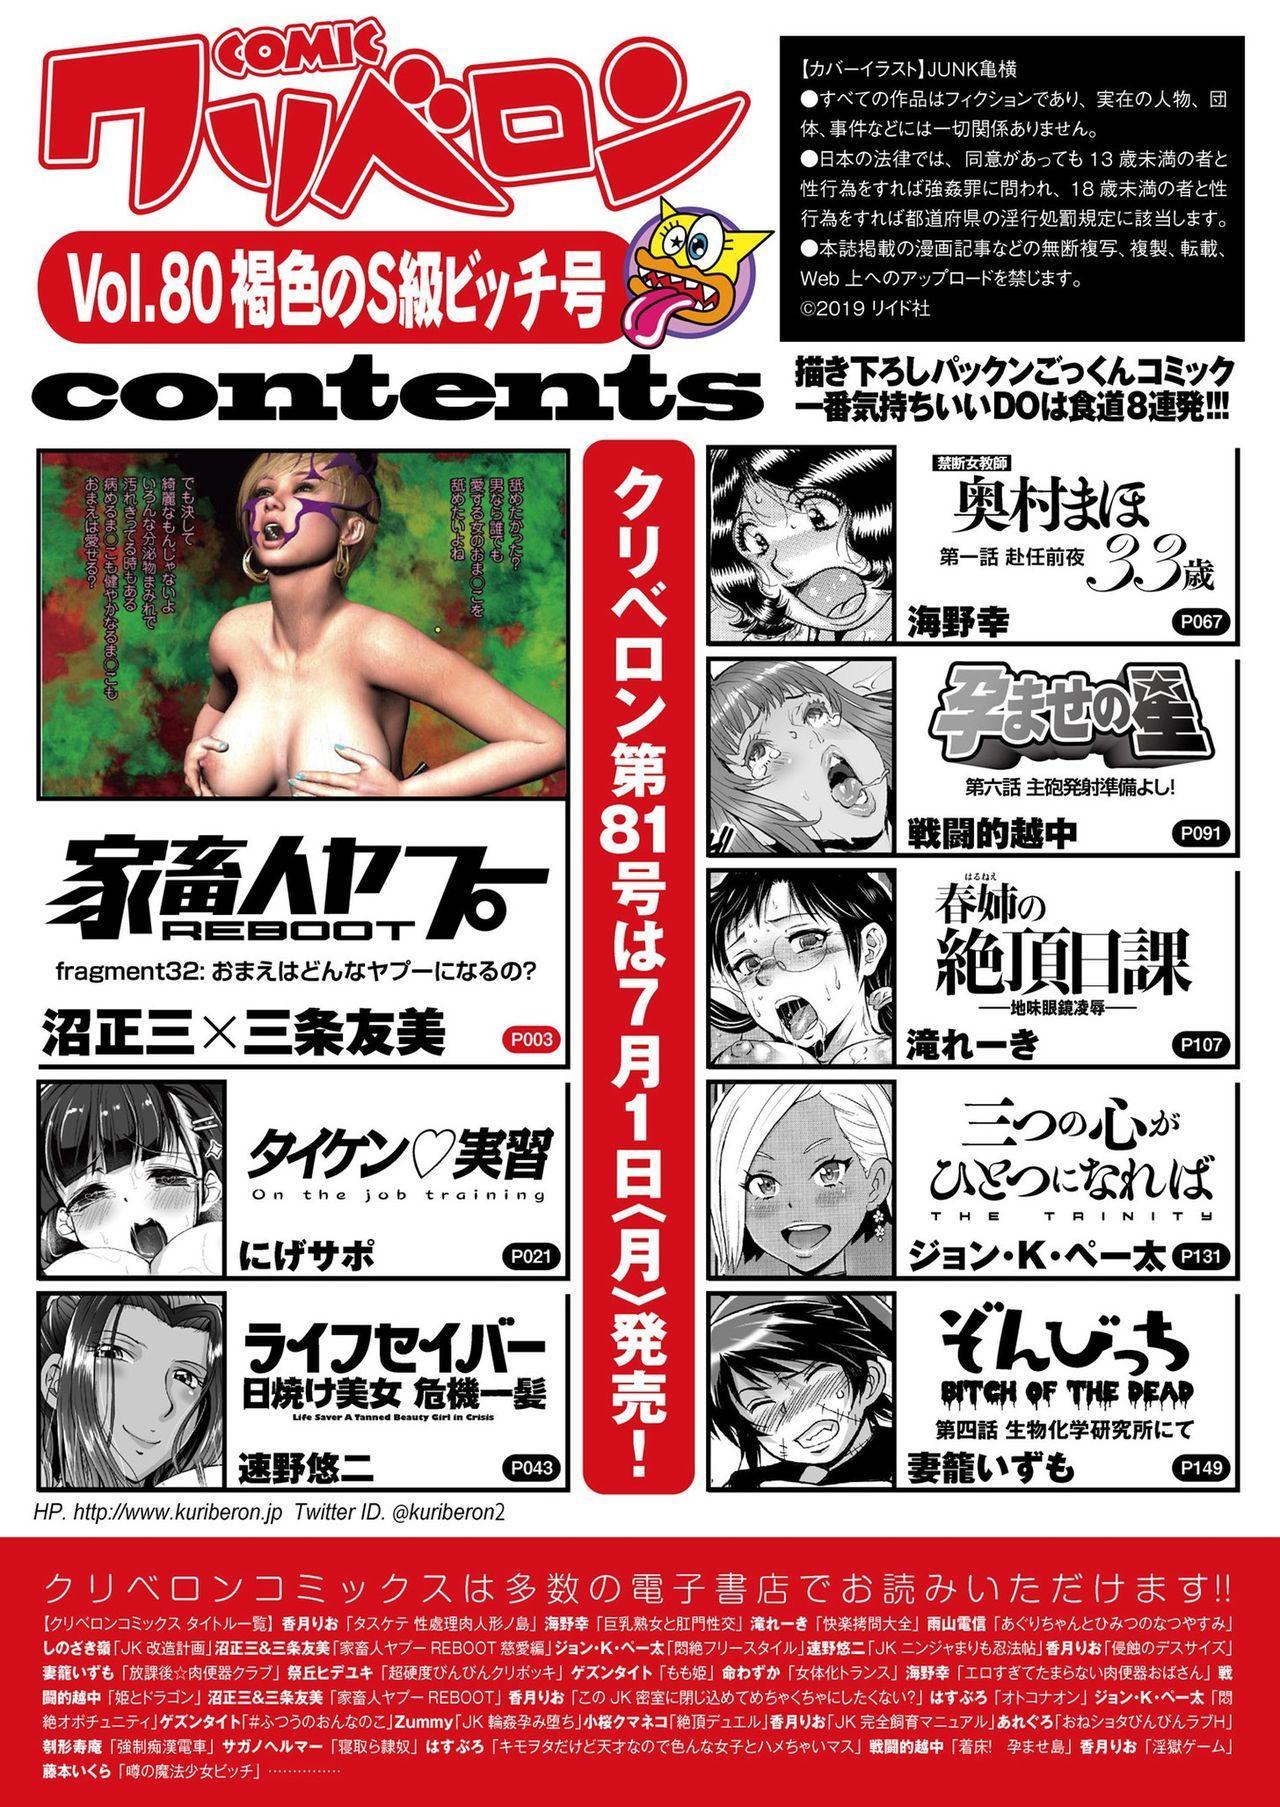 COMIC KURiBERON 2019-06 Vol. 80 1